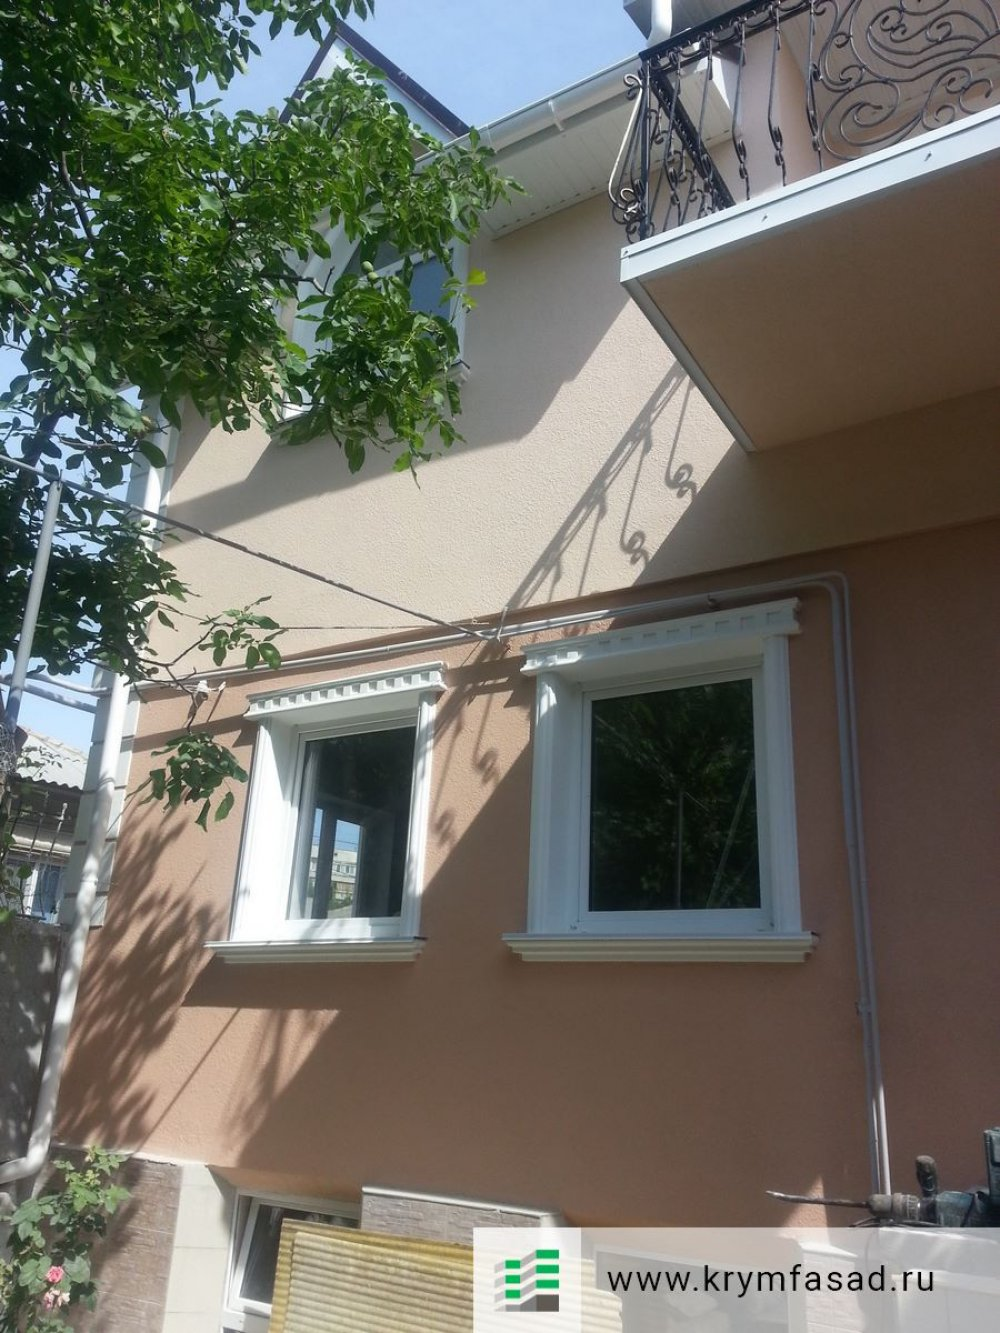 Частный дом г. Евпатория, ул. Рыбацкая